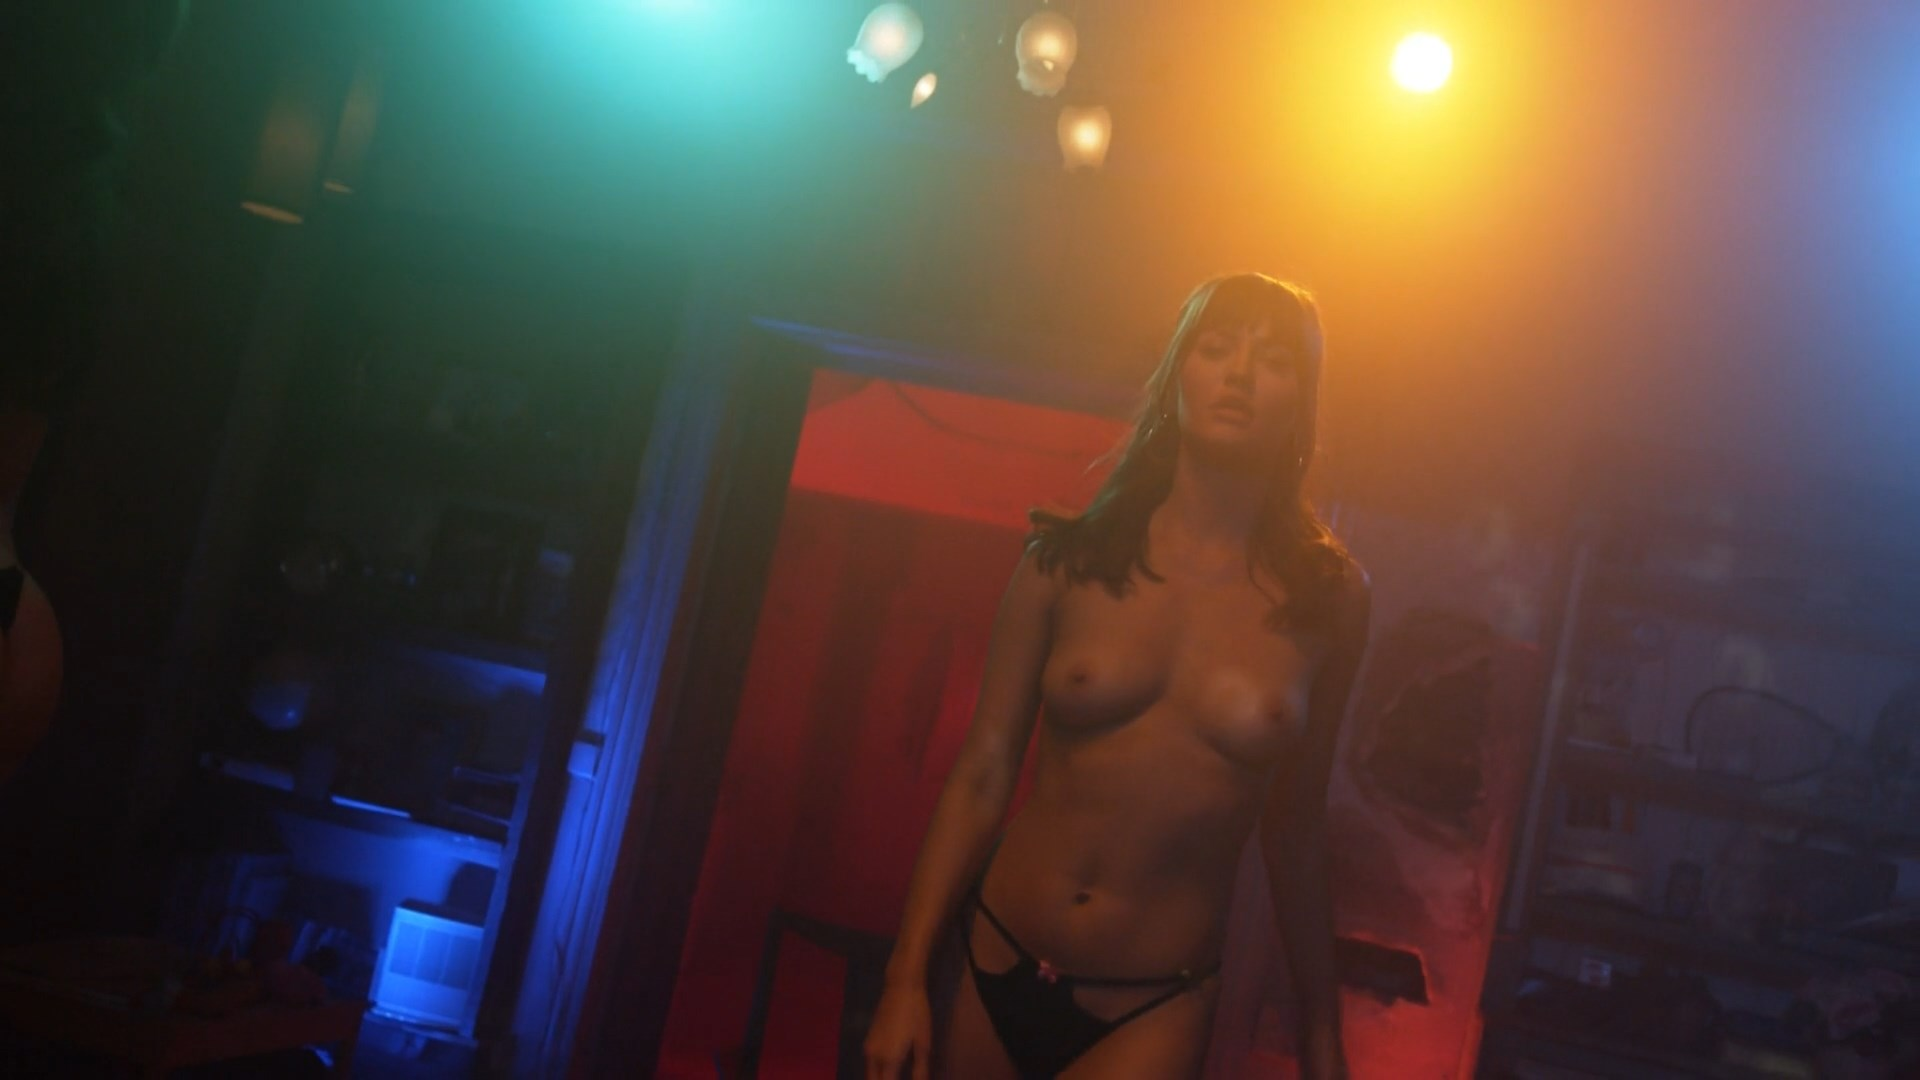 Nude asains strip